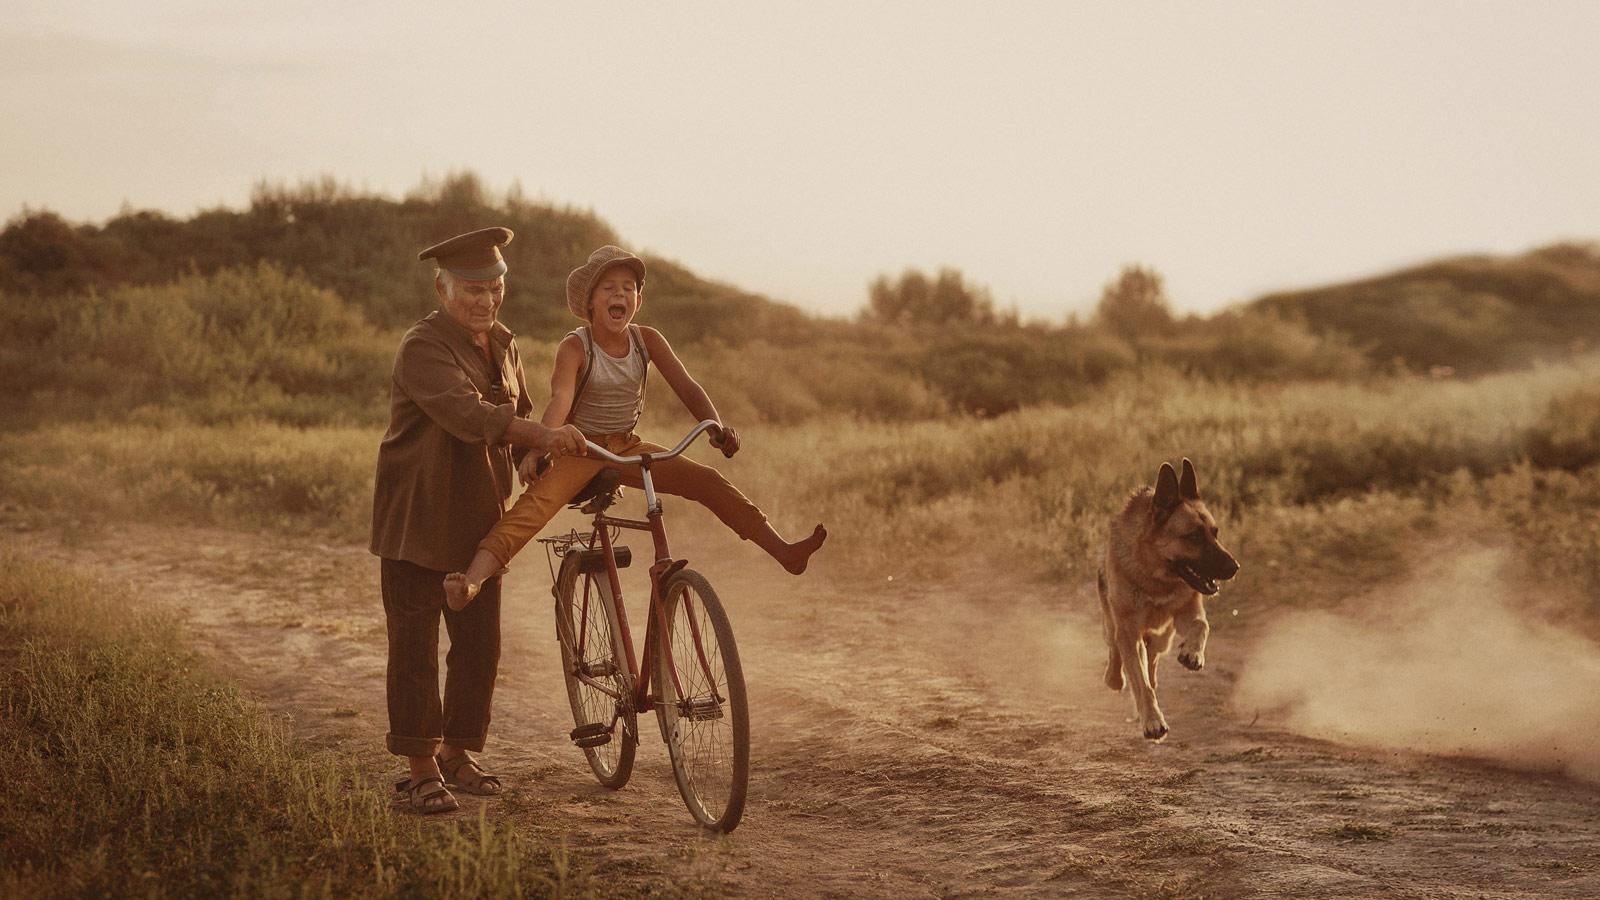 Поколения, © Сергей Спирин / Sergey Spirin, Россия, 1 место в номинации «Постановочное фото», Фотоконкурс 35AWARDS — 100 Best Photos